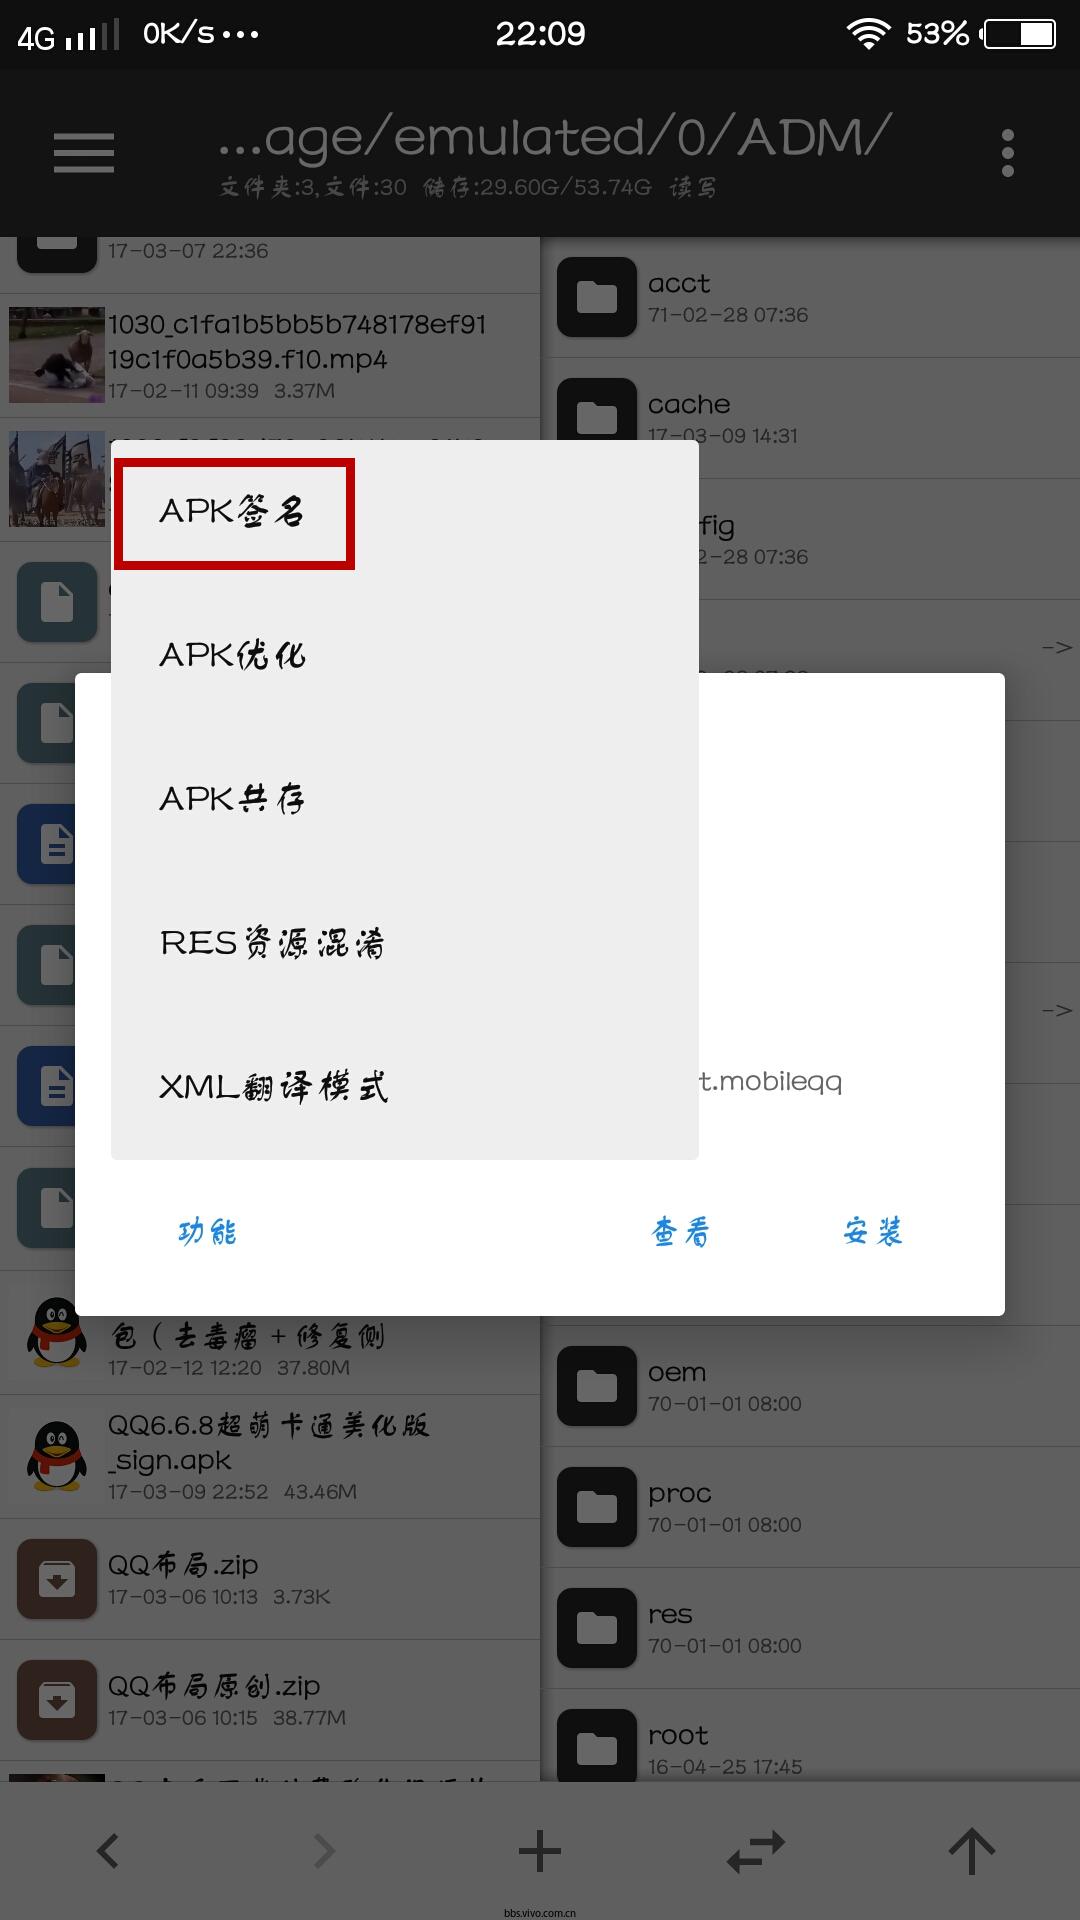 截屏_20170313_220929_副本.png